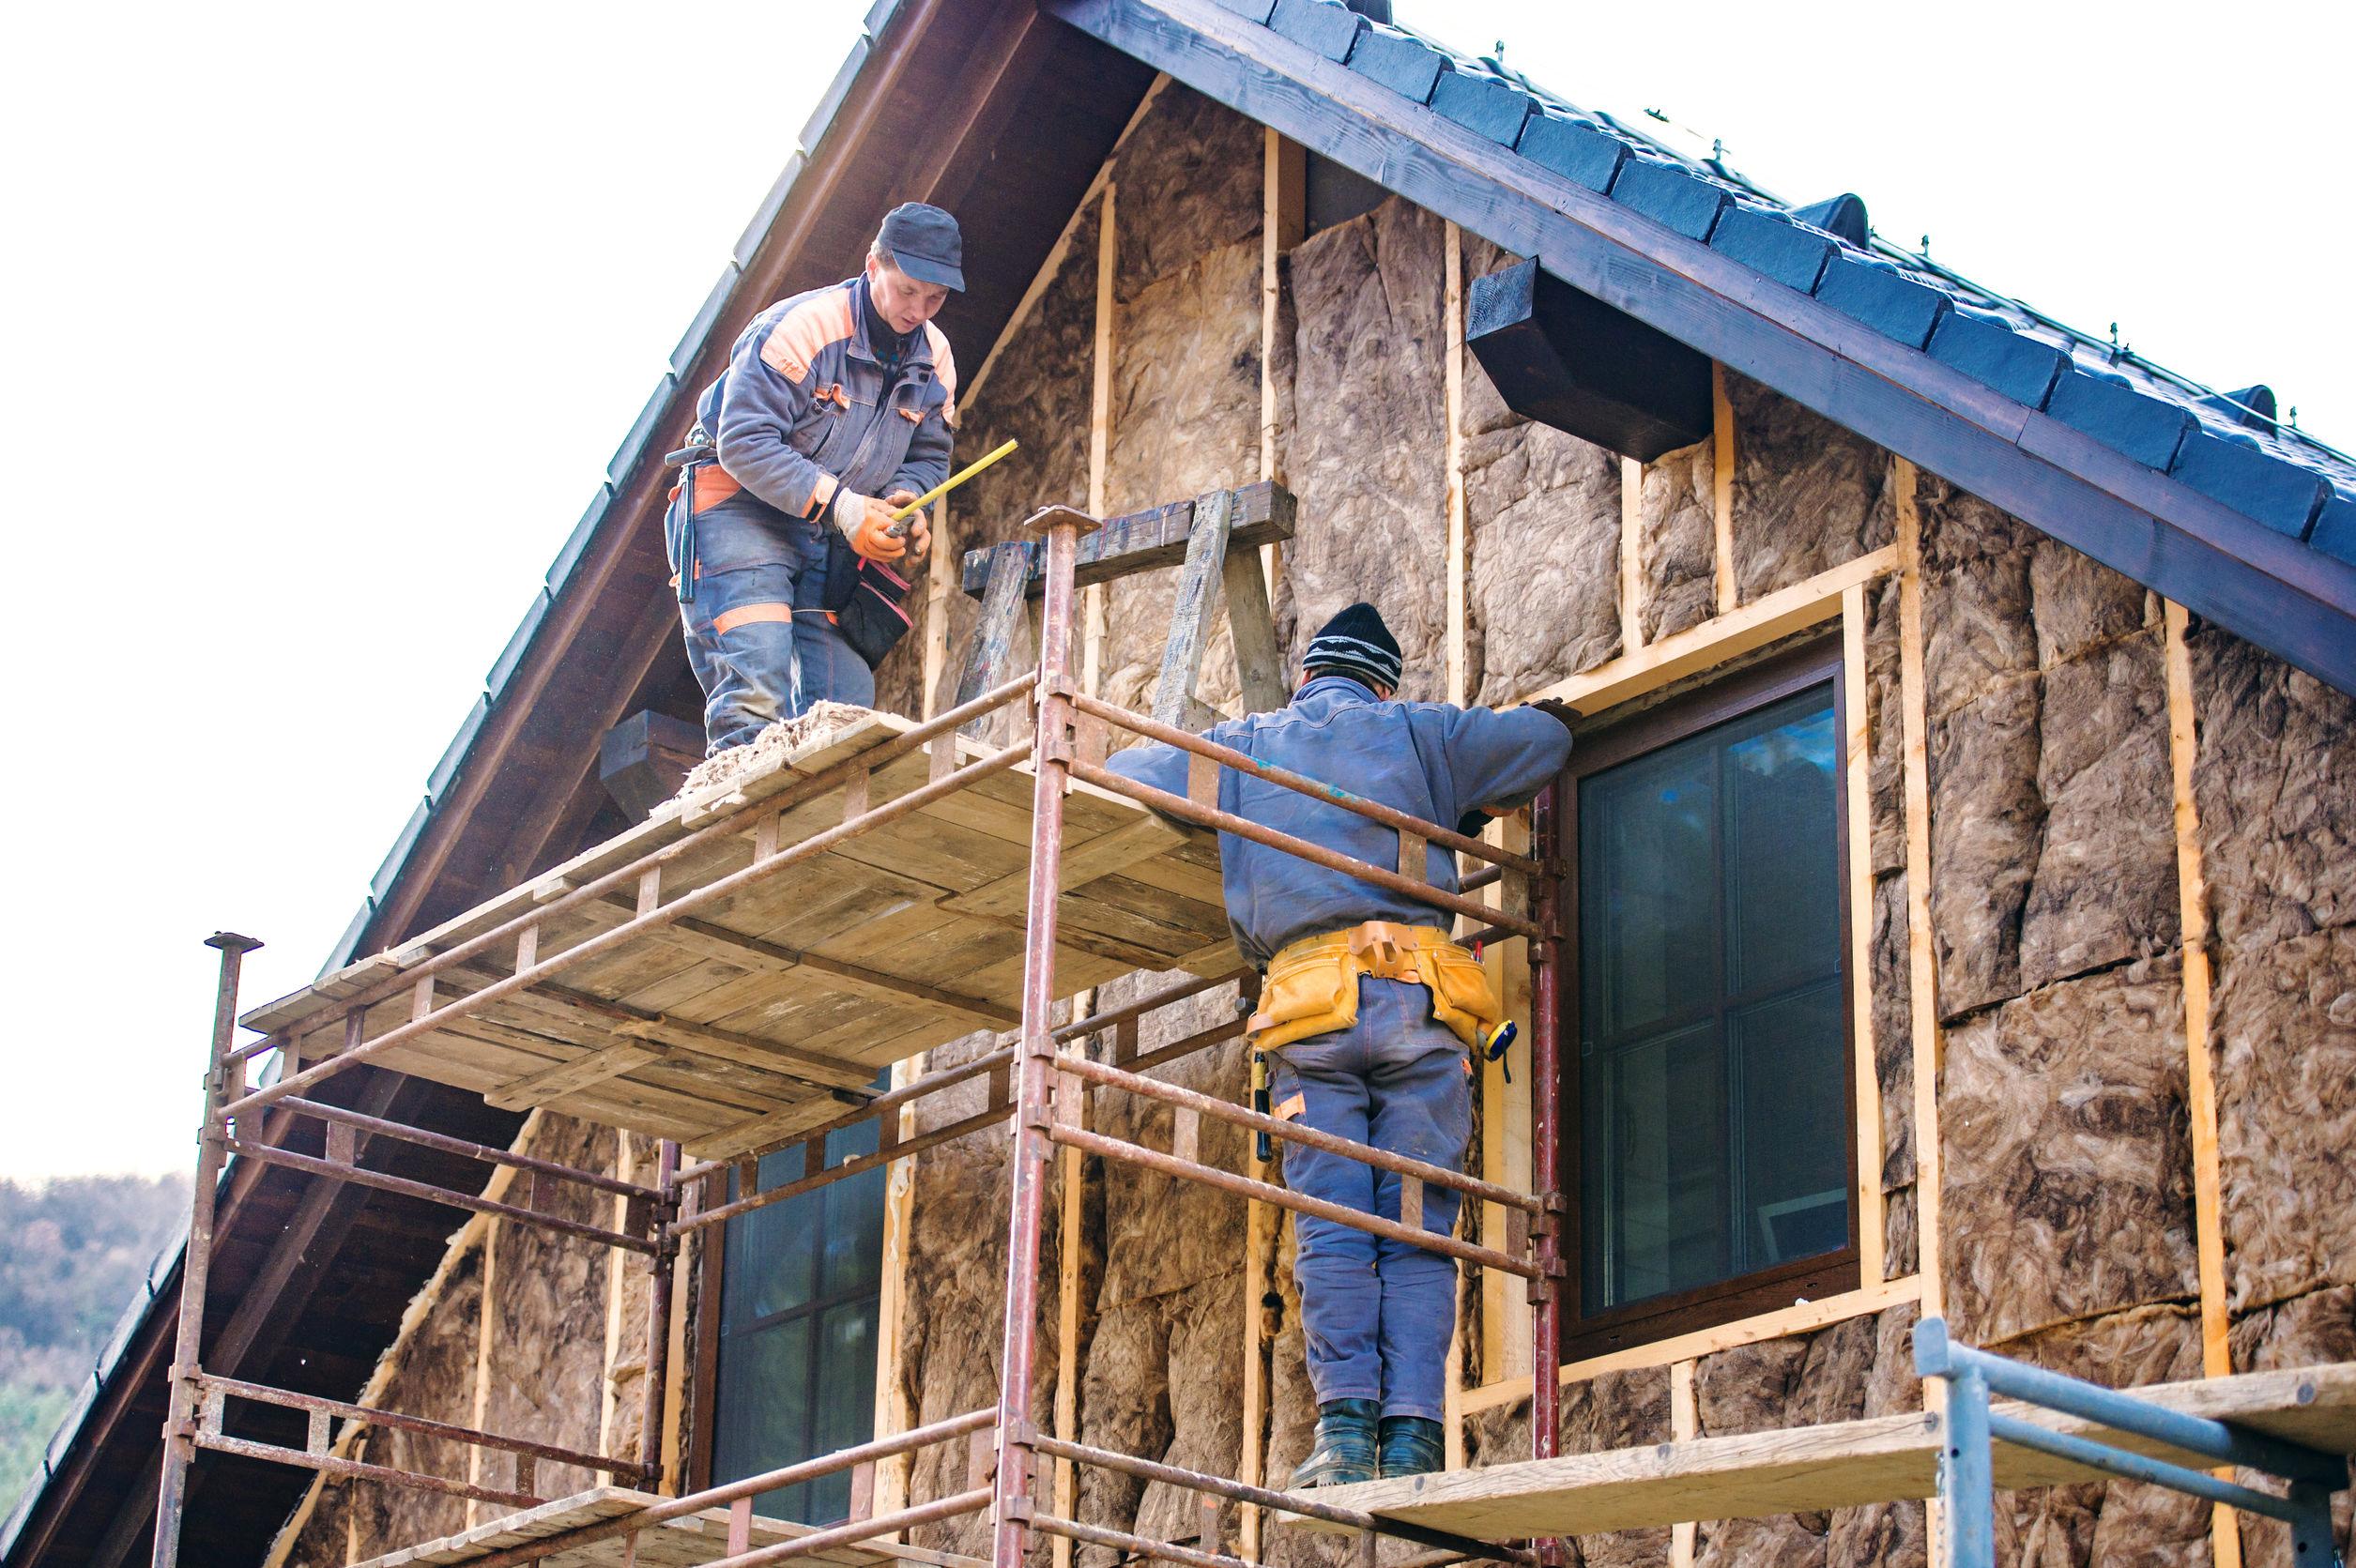 isolation thermique phonique, label dans l'isolation du logement, isolation thermique de la façade d'une maison avec de la laine de verre,